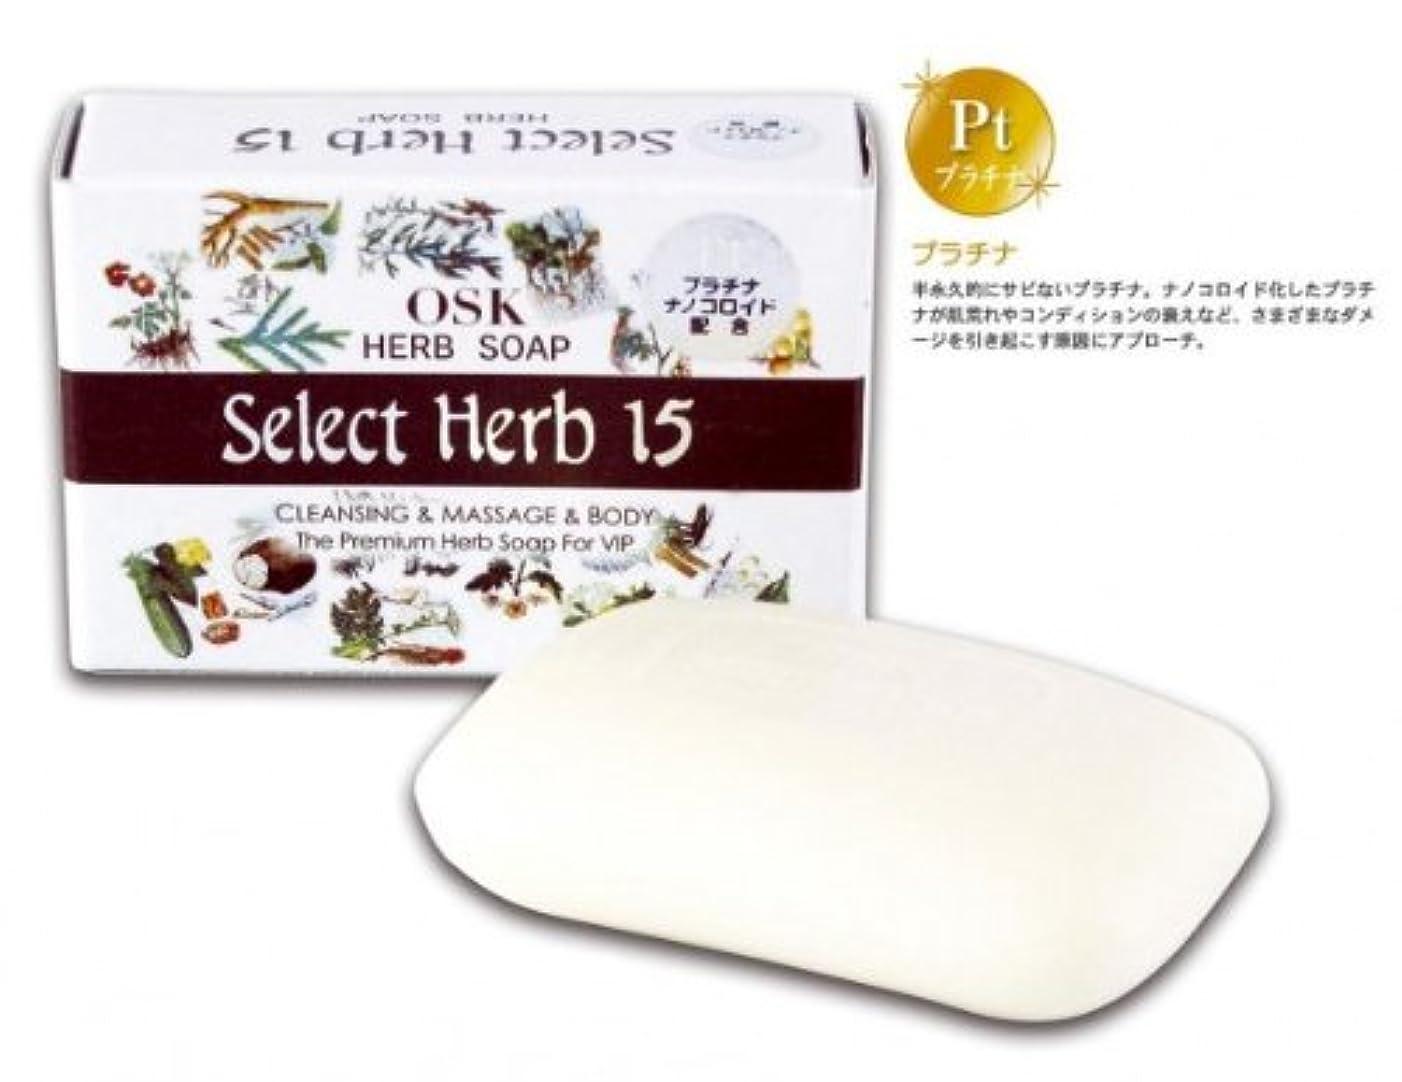 シャツ退屈な邪魔NEW OSK SOAP SelectHerb15(ニューオーエスケーソープセレクトハーブ15)135g